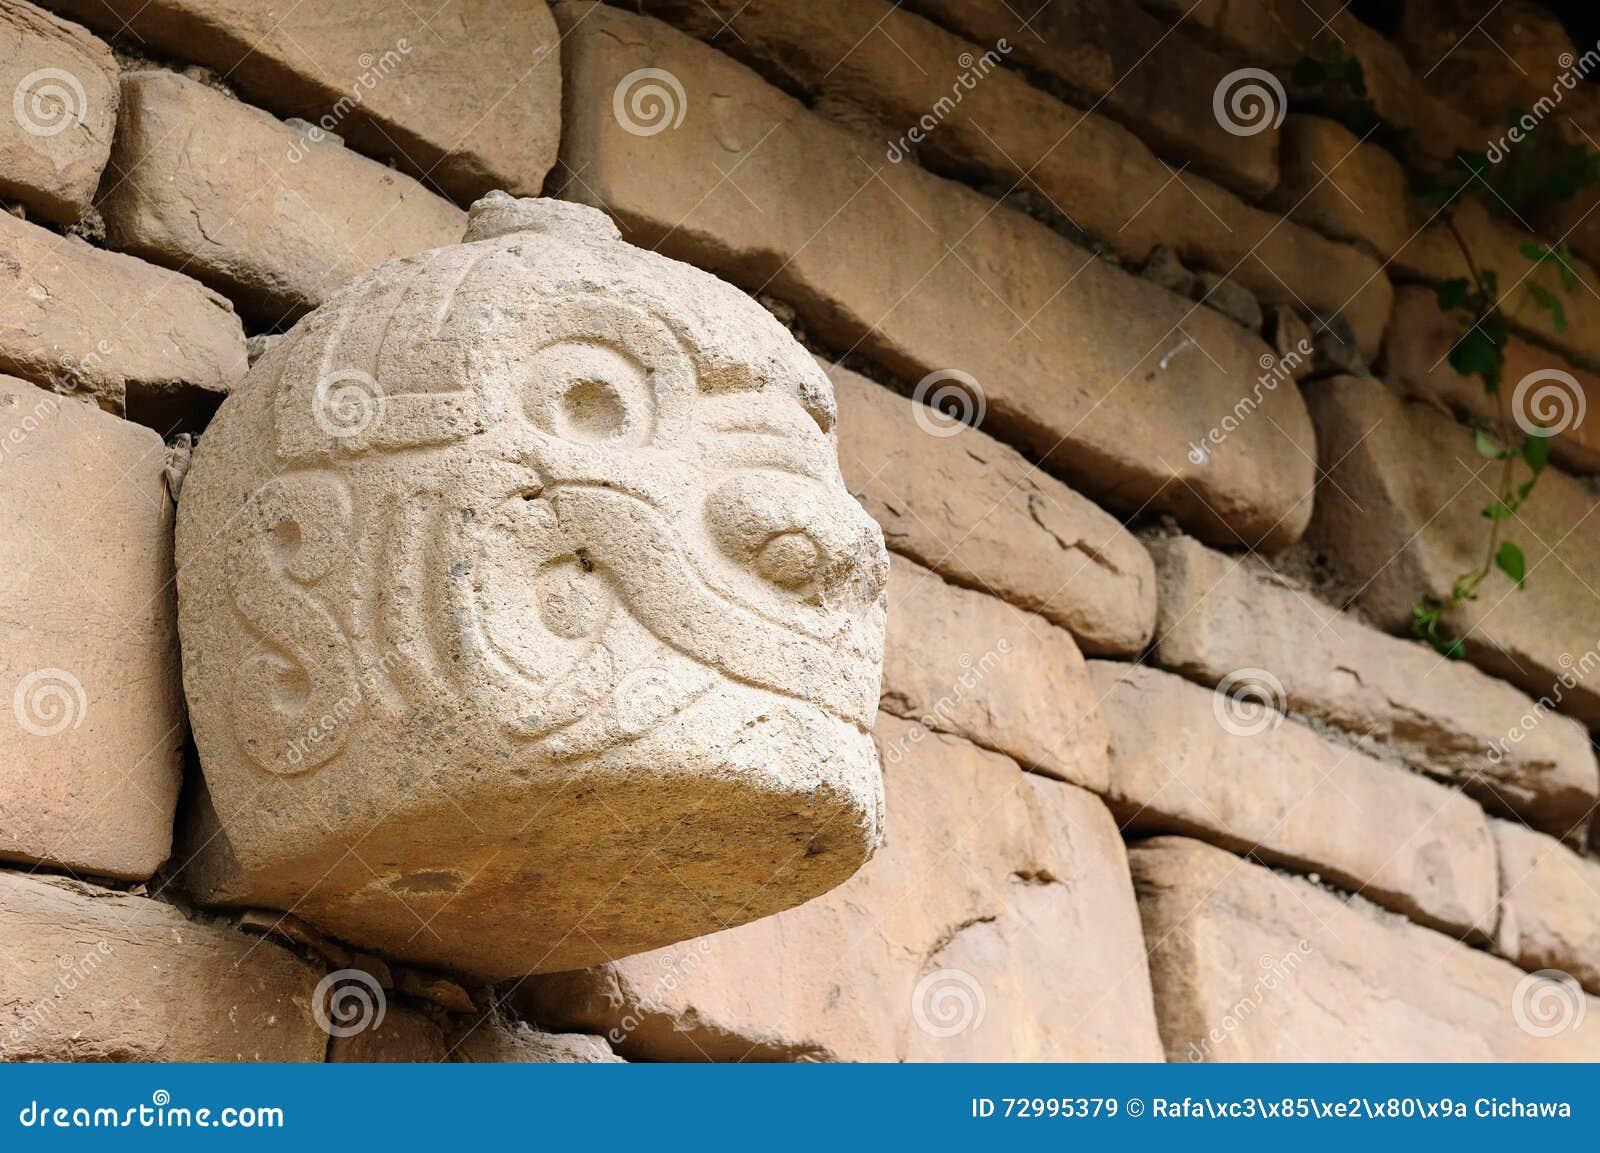 Zuid-Amerika, Peru, Ruïnes van Cultuur de van Wari (Huari), Peru